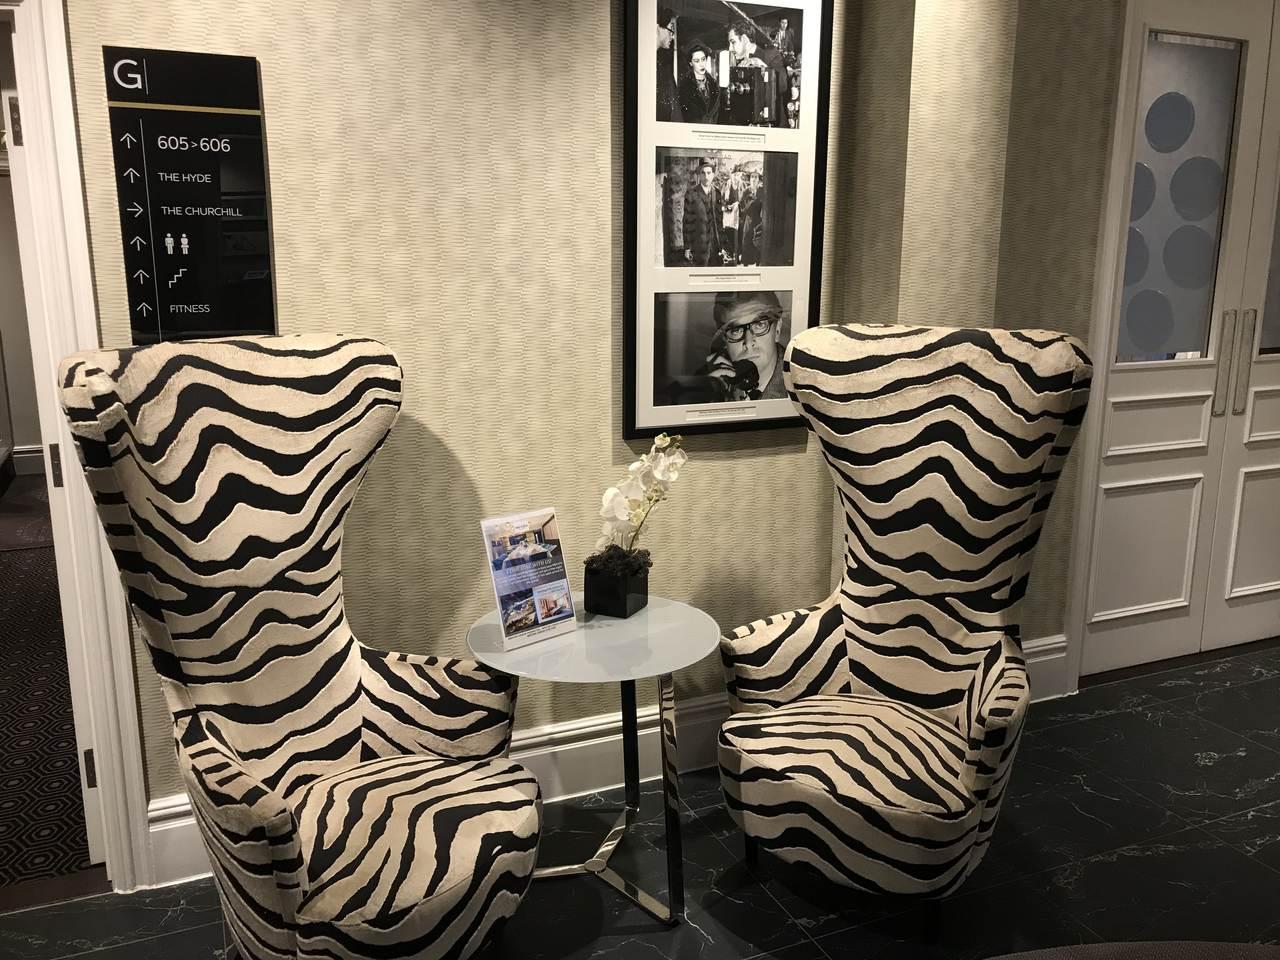 Mercure Hotel Zebra print chairs